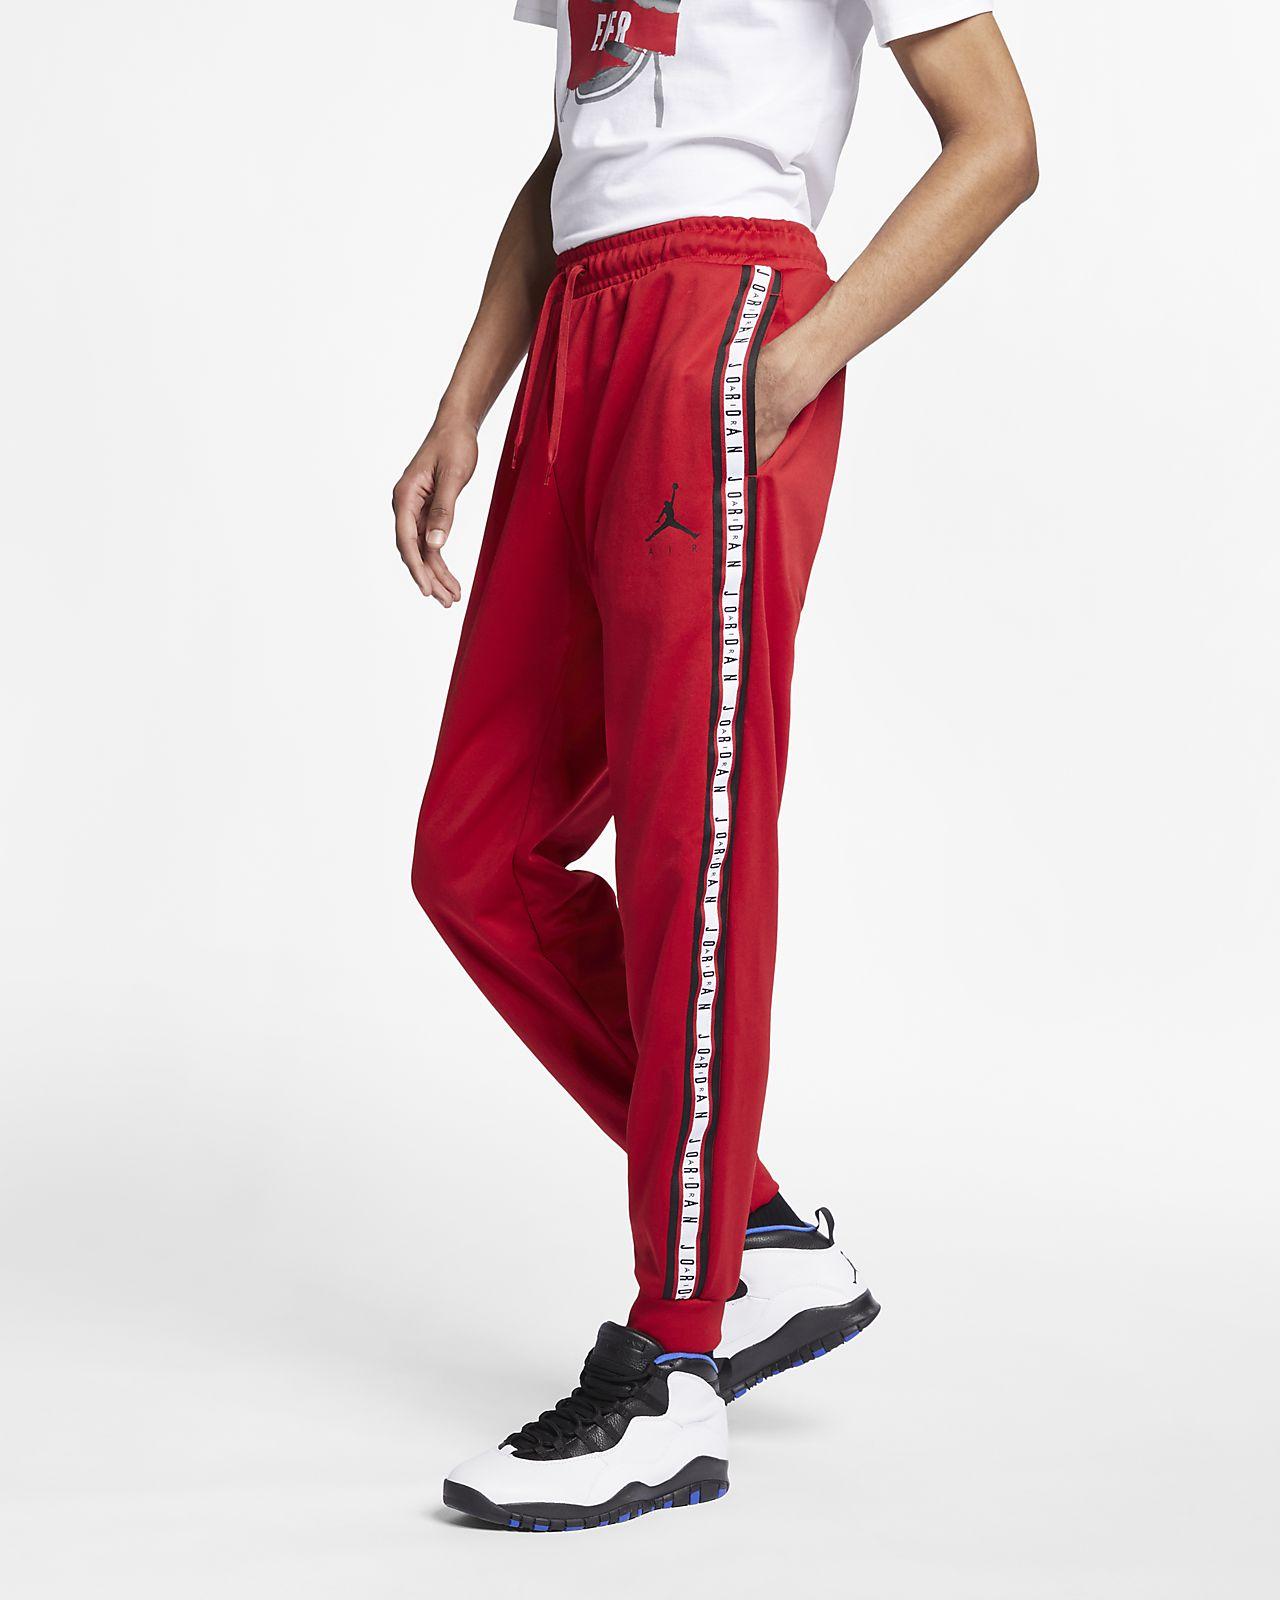 c48403ee9432 Low Resolution Jordan Sportswear Jumpman Men s Pants Jordan Sportswear  Jumpman Men s Pants